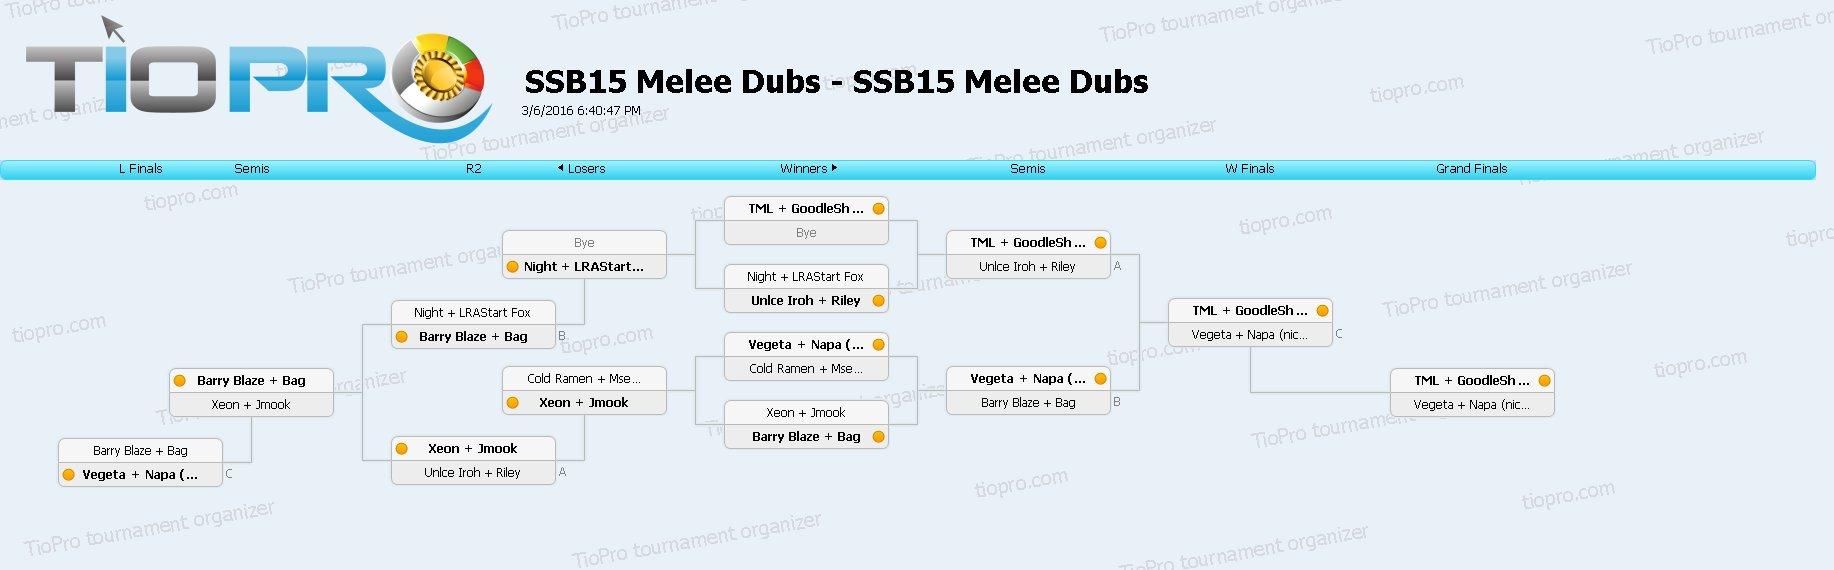 SSB15 Melee Teams